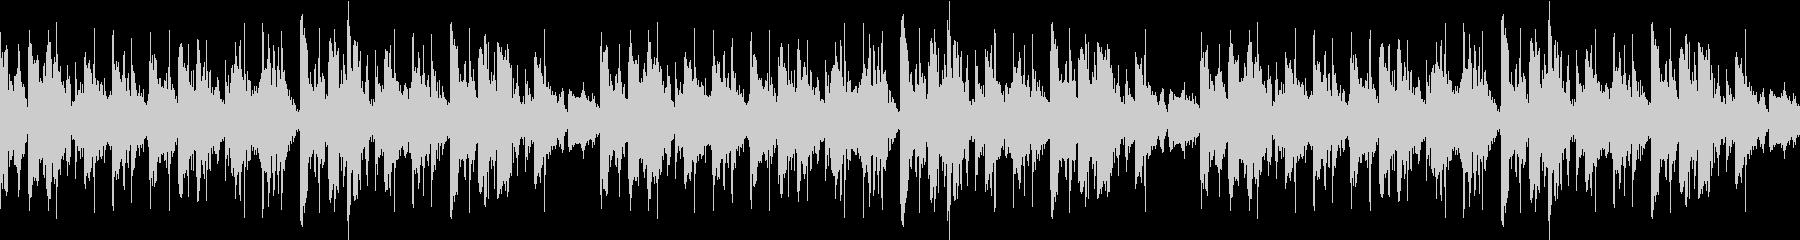 リバーブループ2の未再生の波形